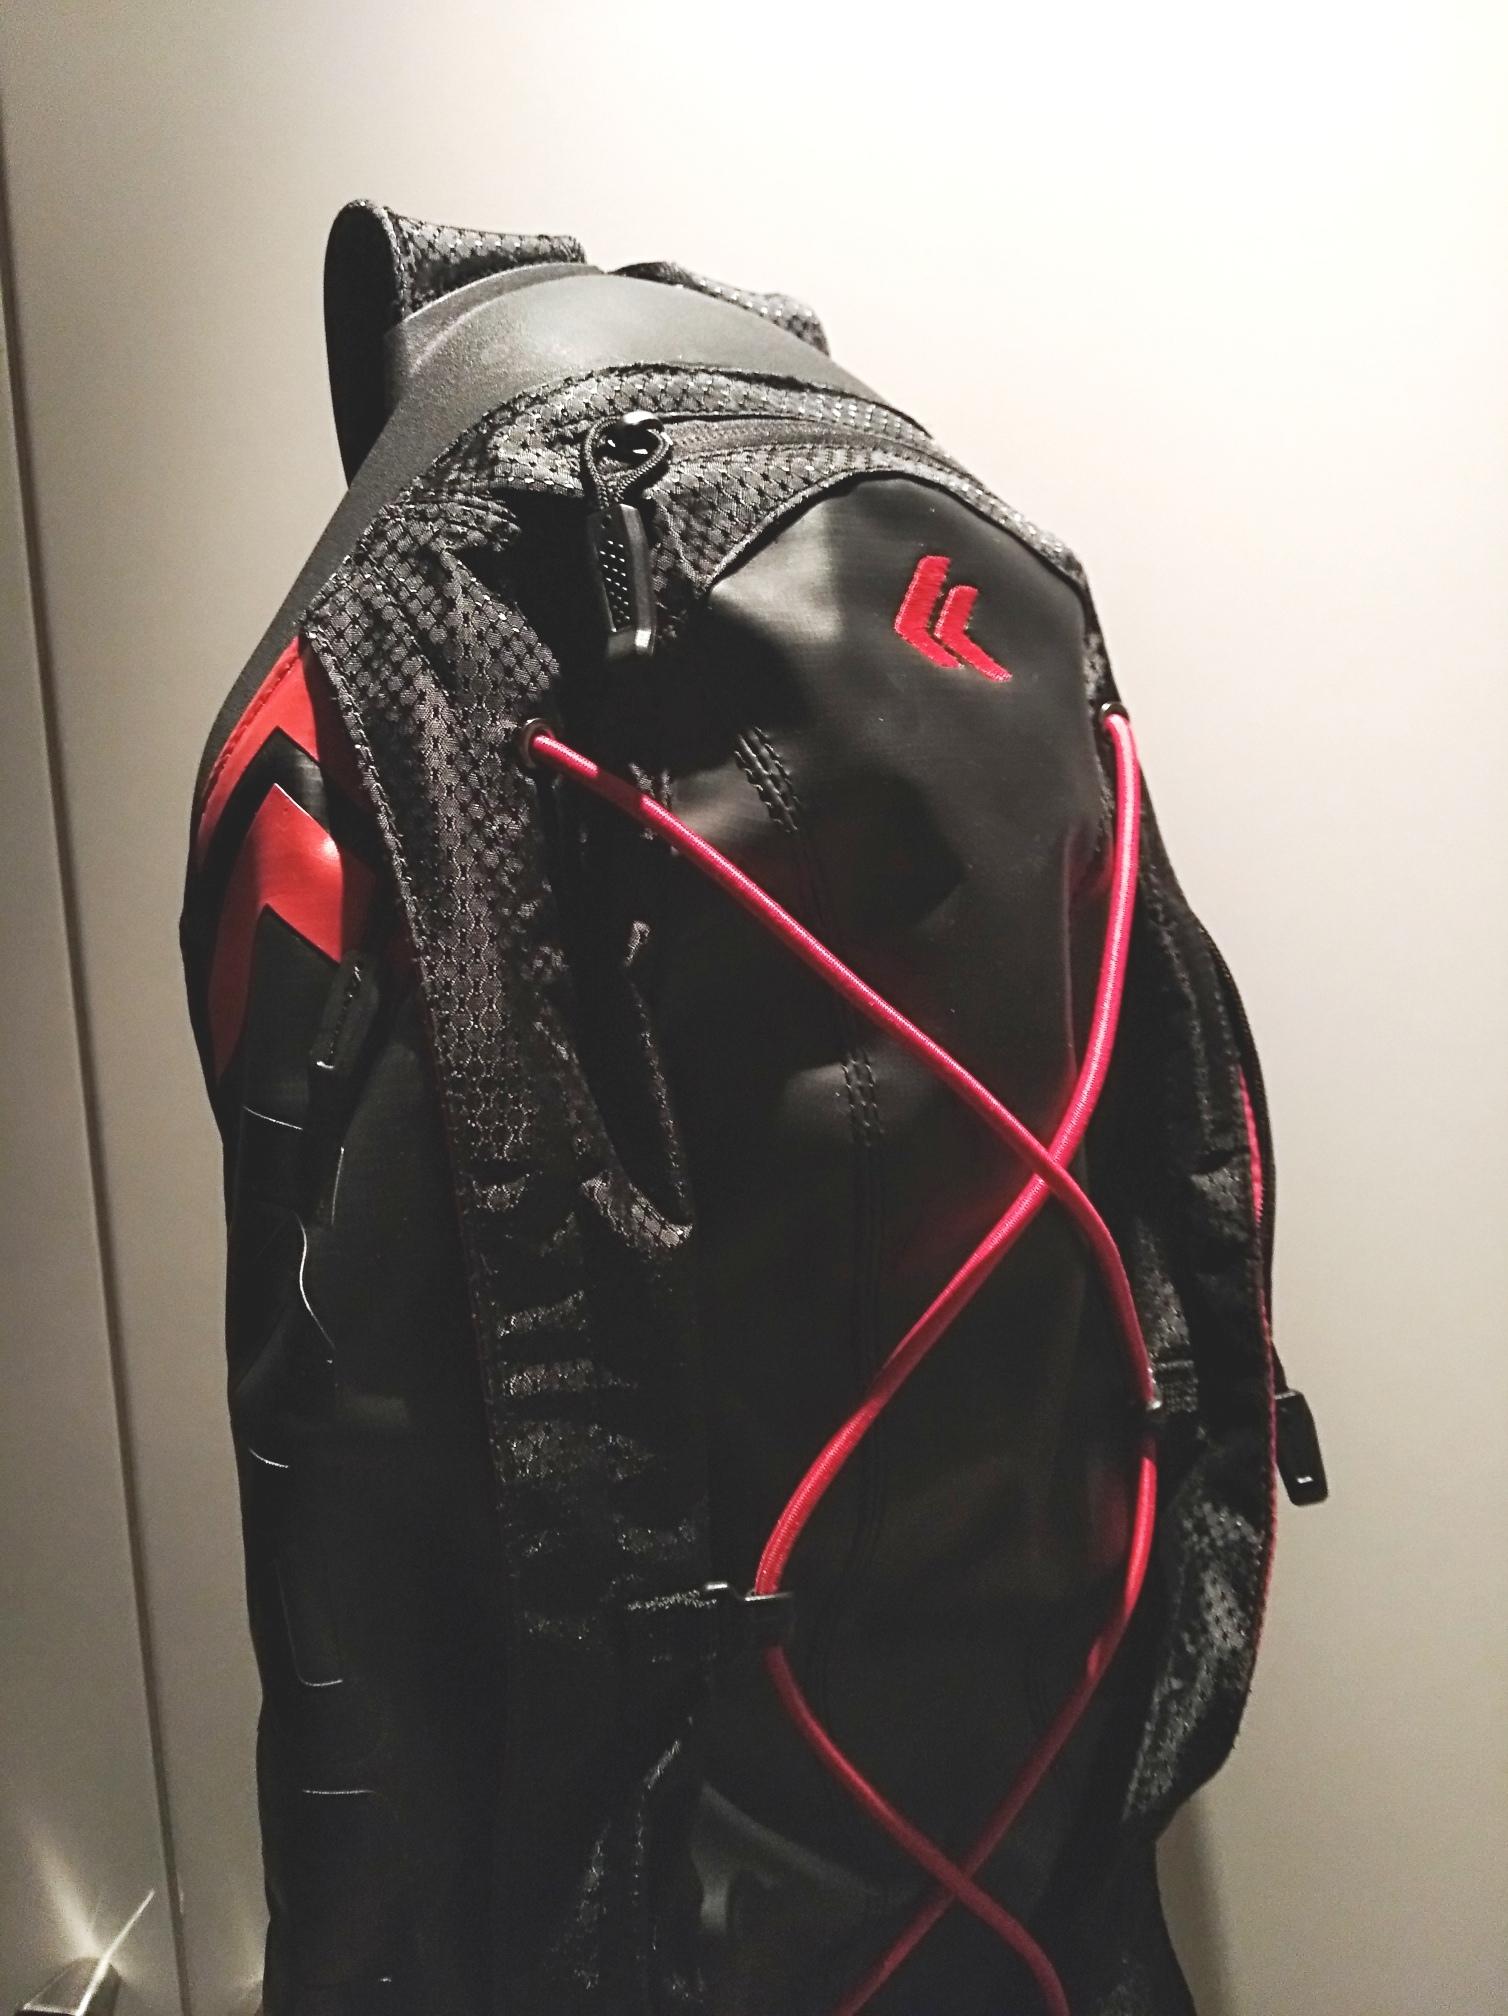 930e5aee7aded Plecak KROSS BUG na ramię -110 zł (72% taniej) - 7125269437 ...